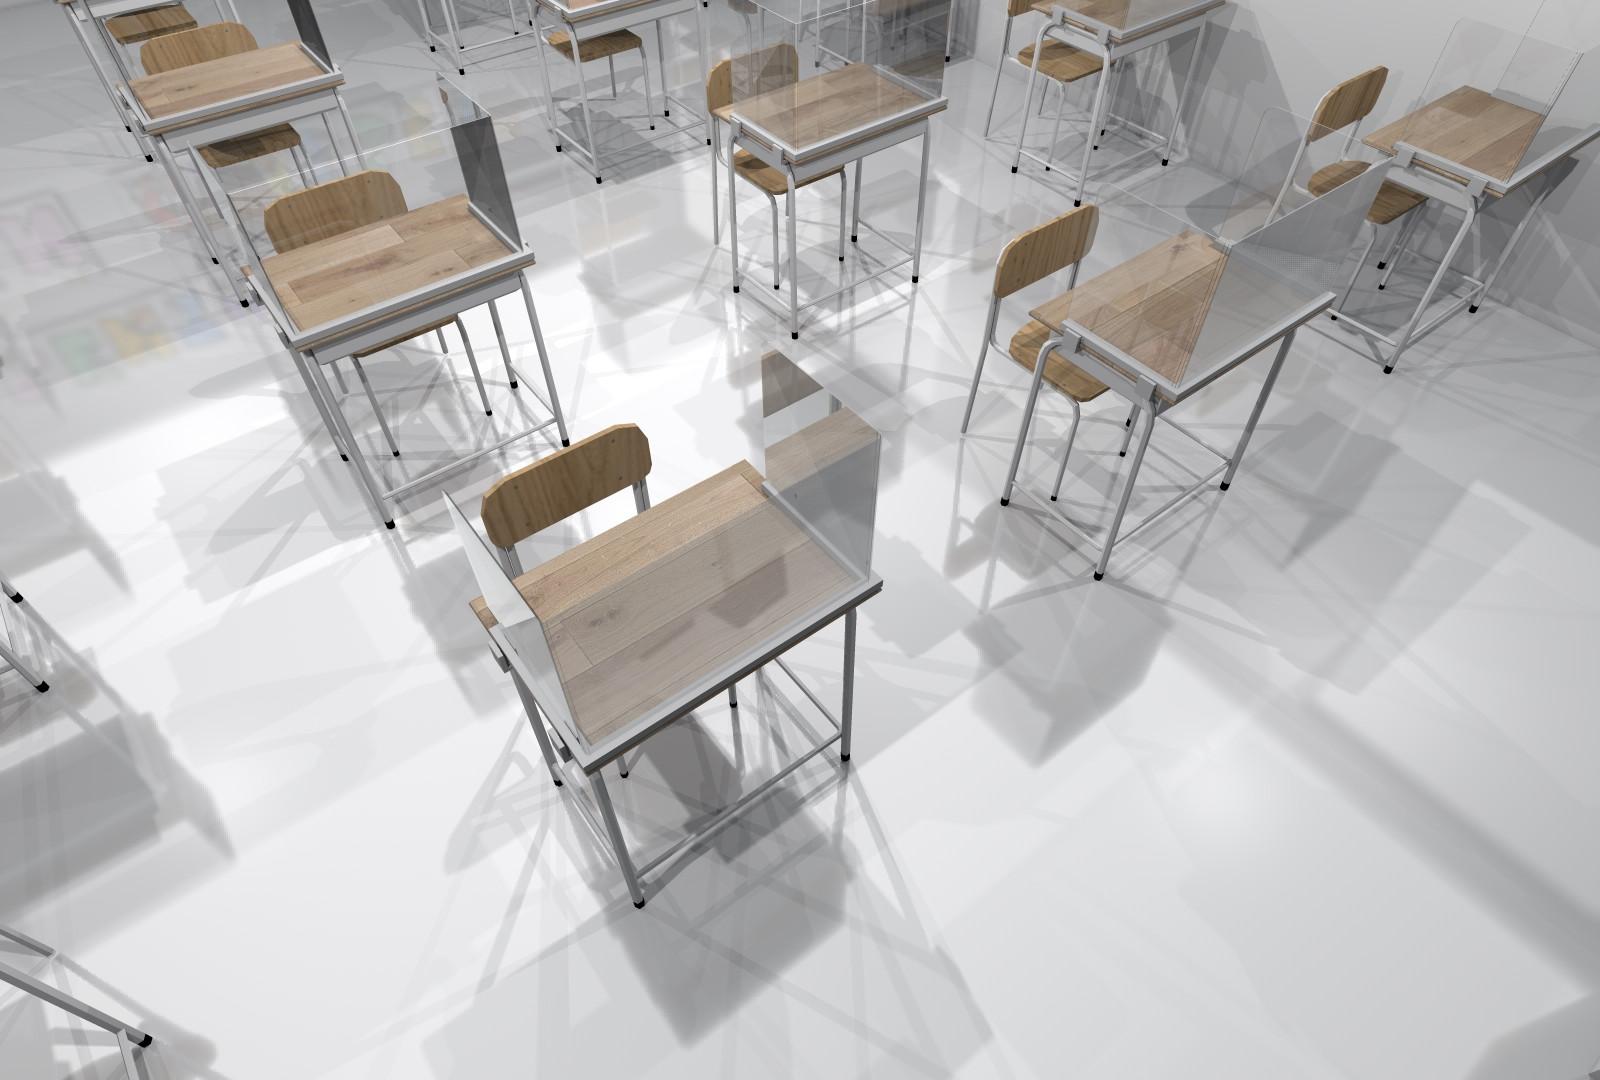 Protezione per banco scolastico